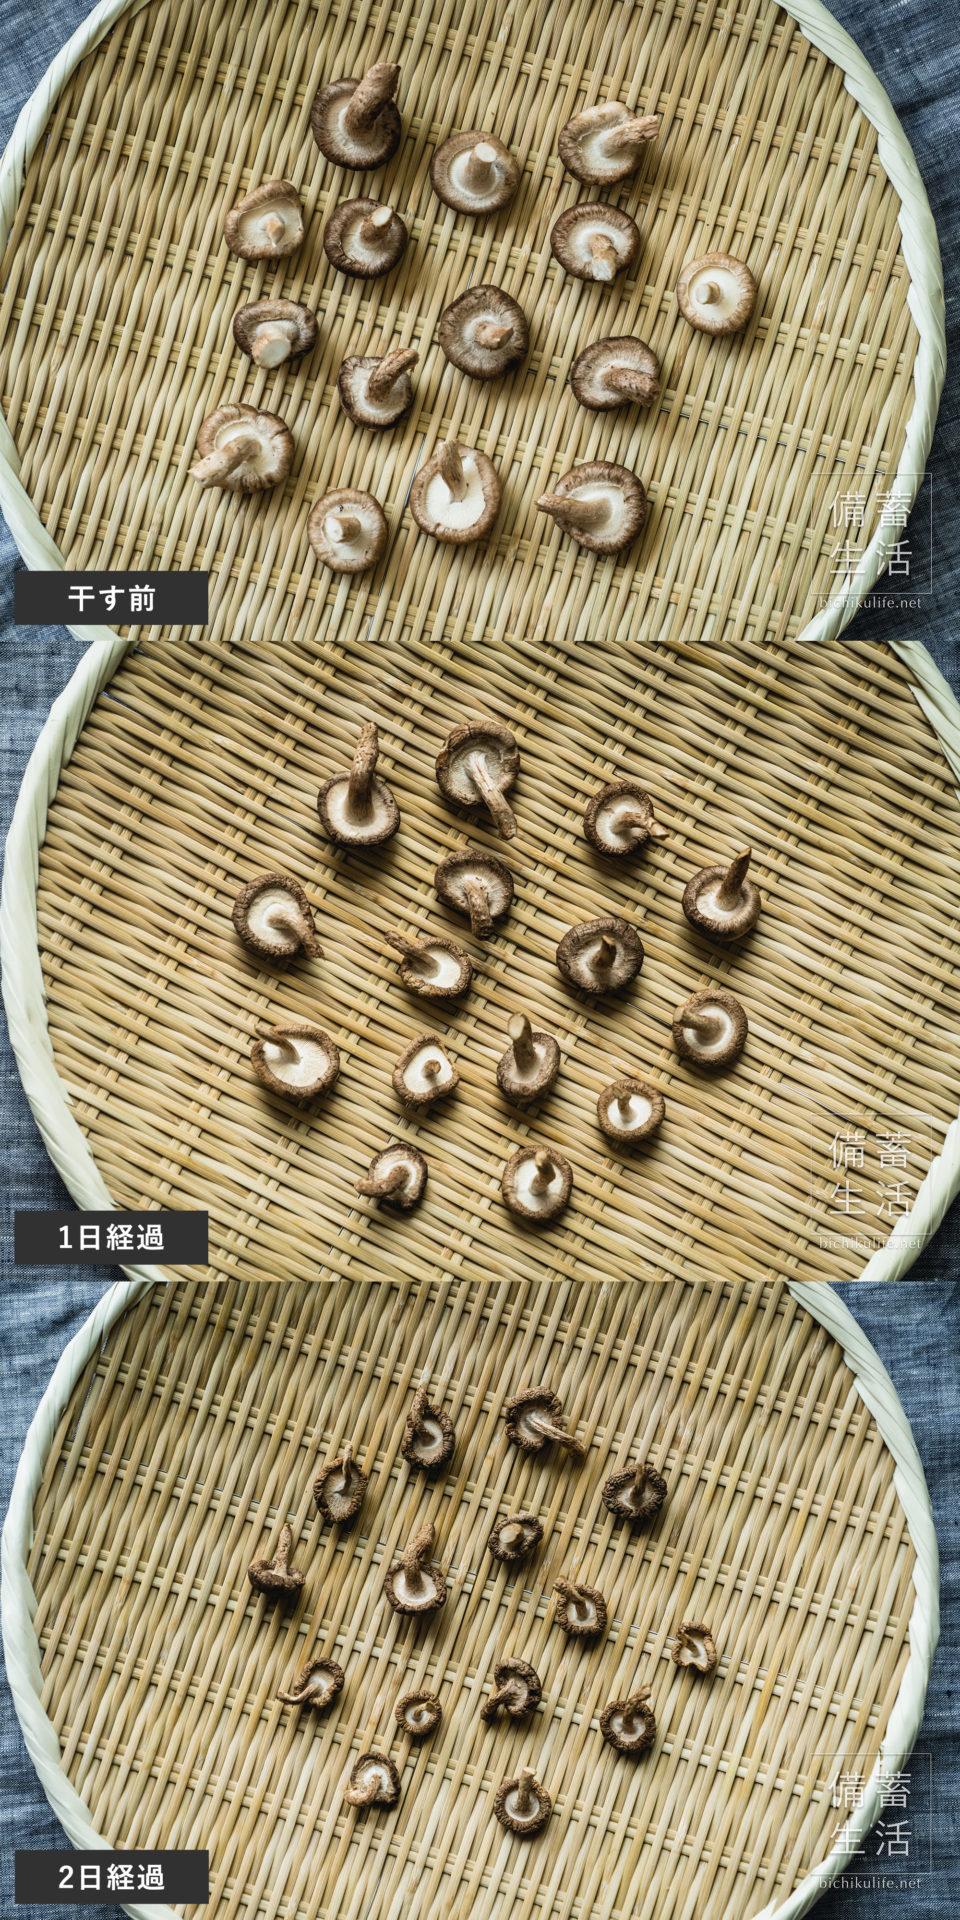 しいたけ 干し野菜づくり|干し椎茸の作り方